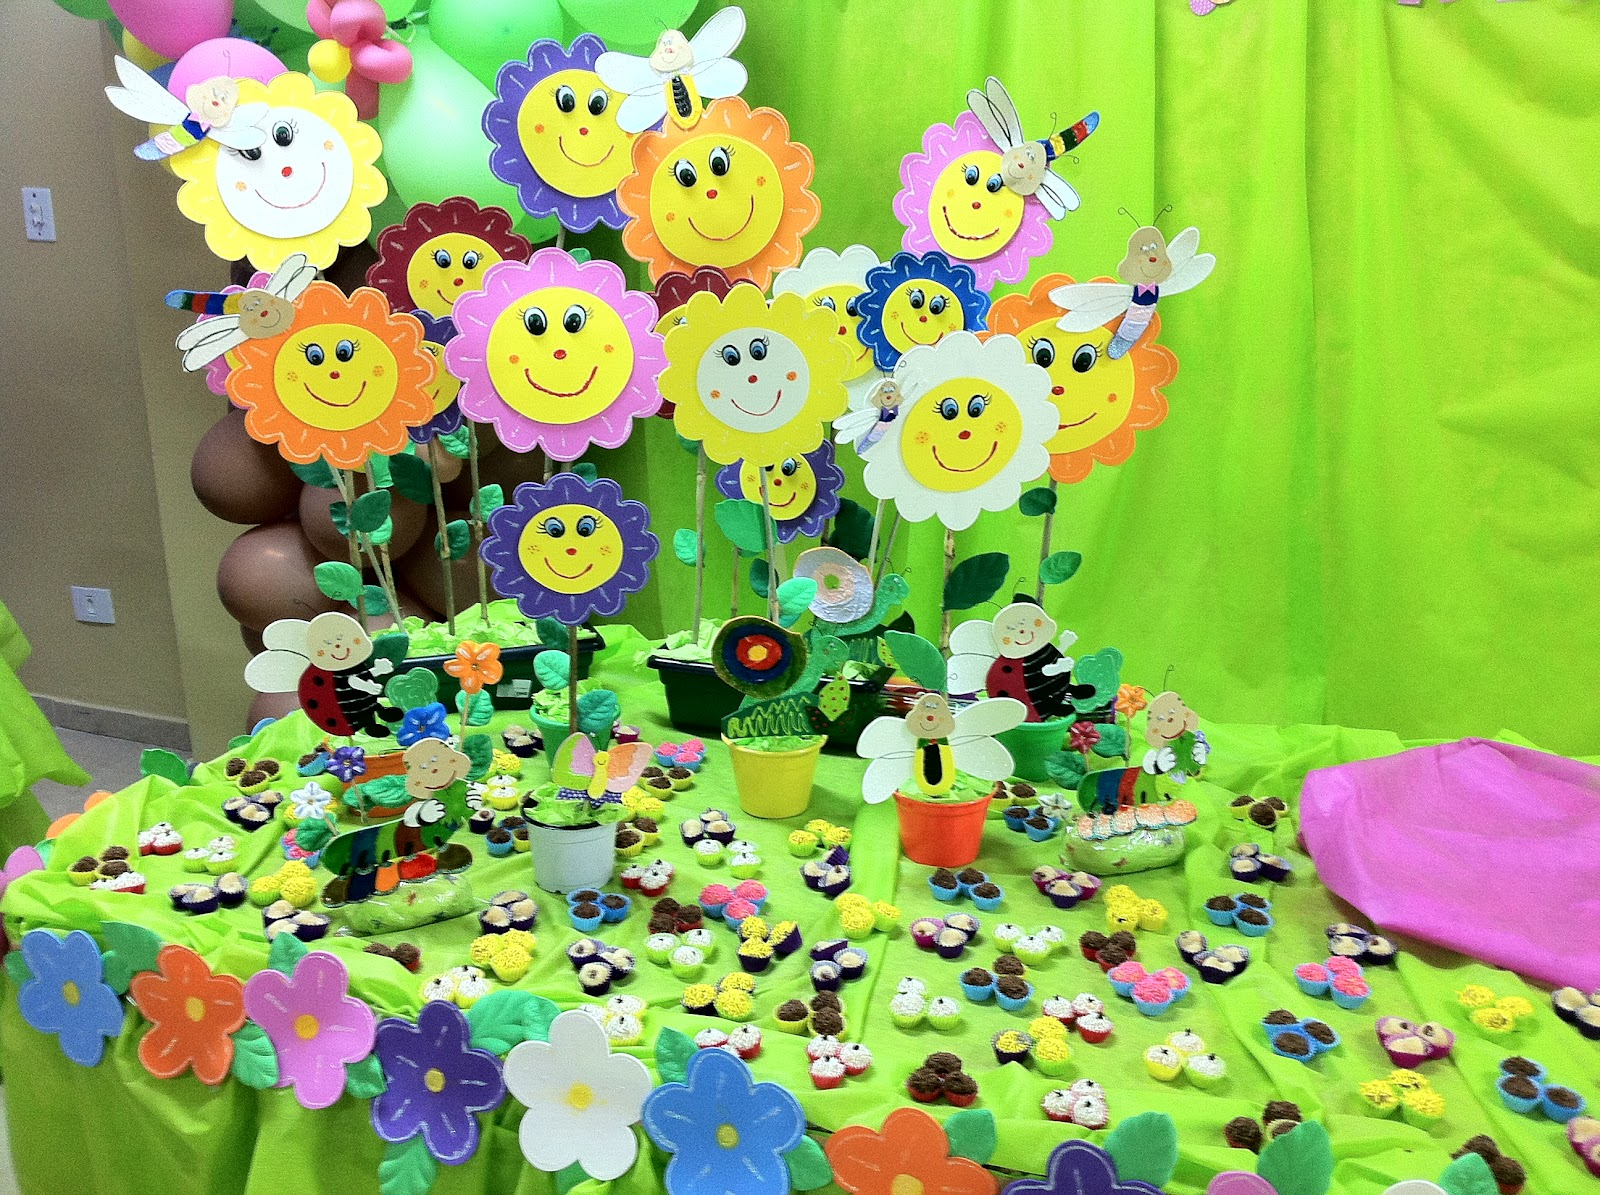 fotos de aniversario tema jardim encantado : fotos de aniversario tema jardim encantado:Brincando com Idéias: Festa de Aniversário Tema Jardim Encantado